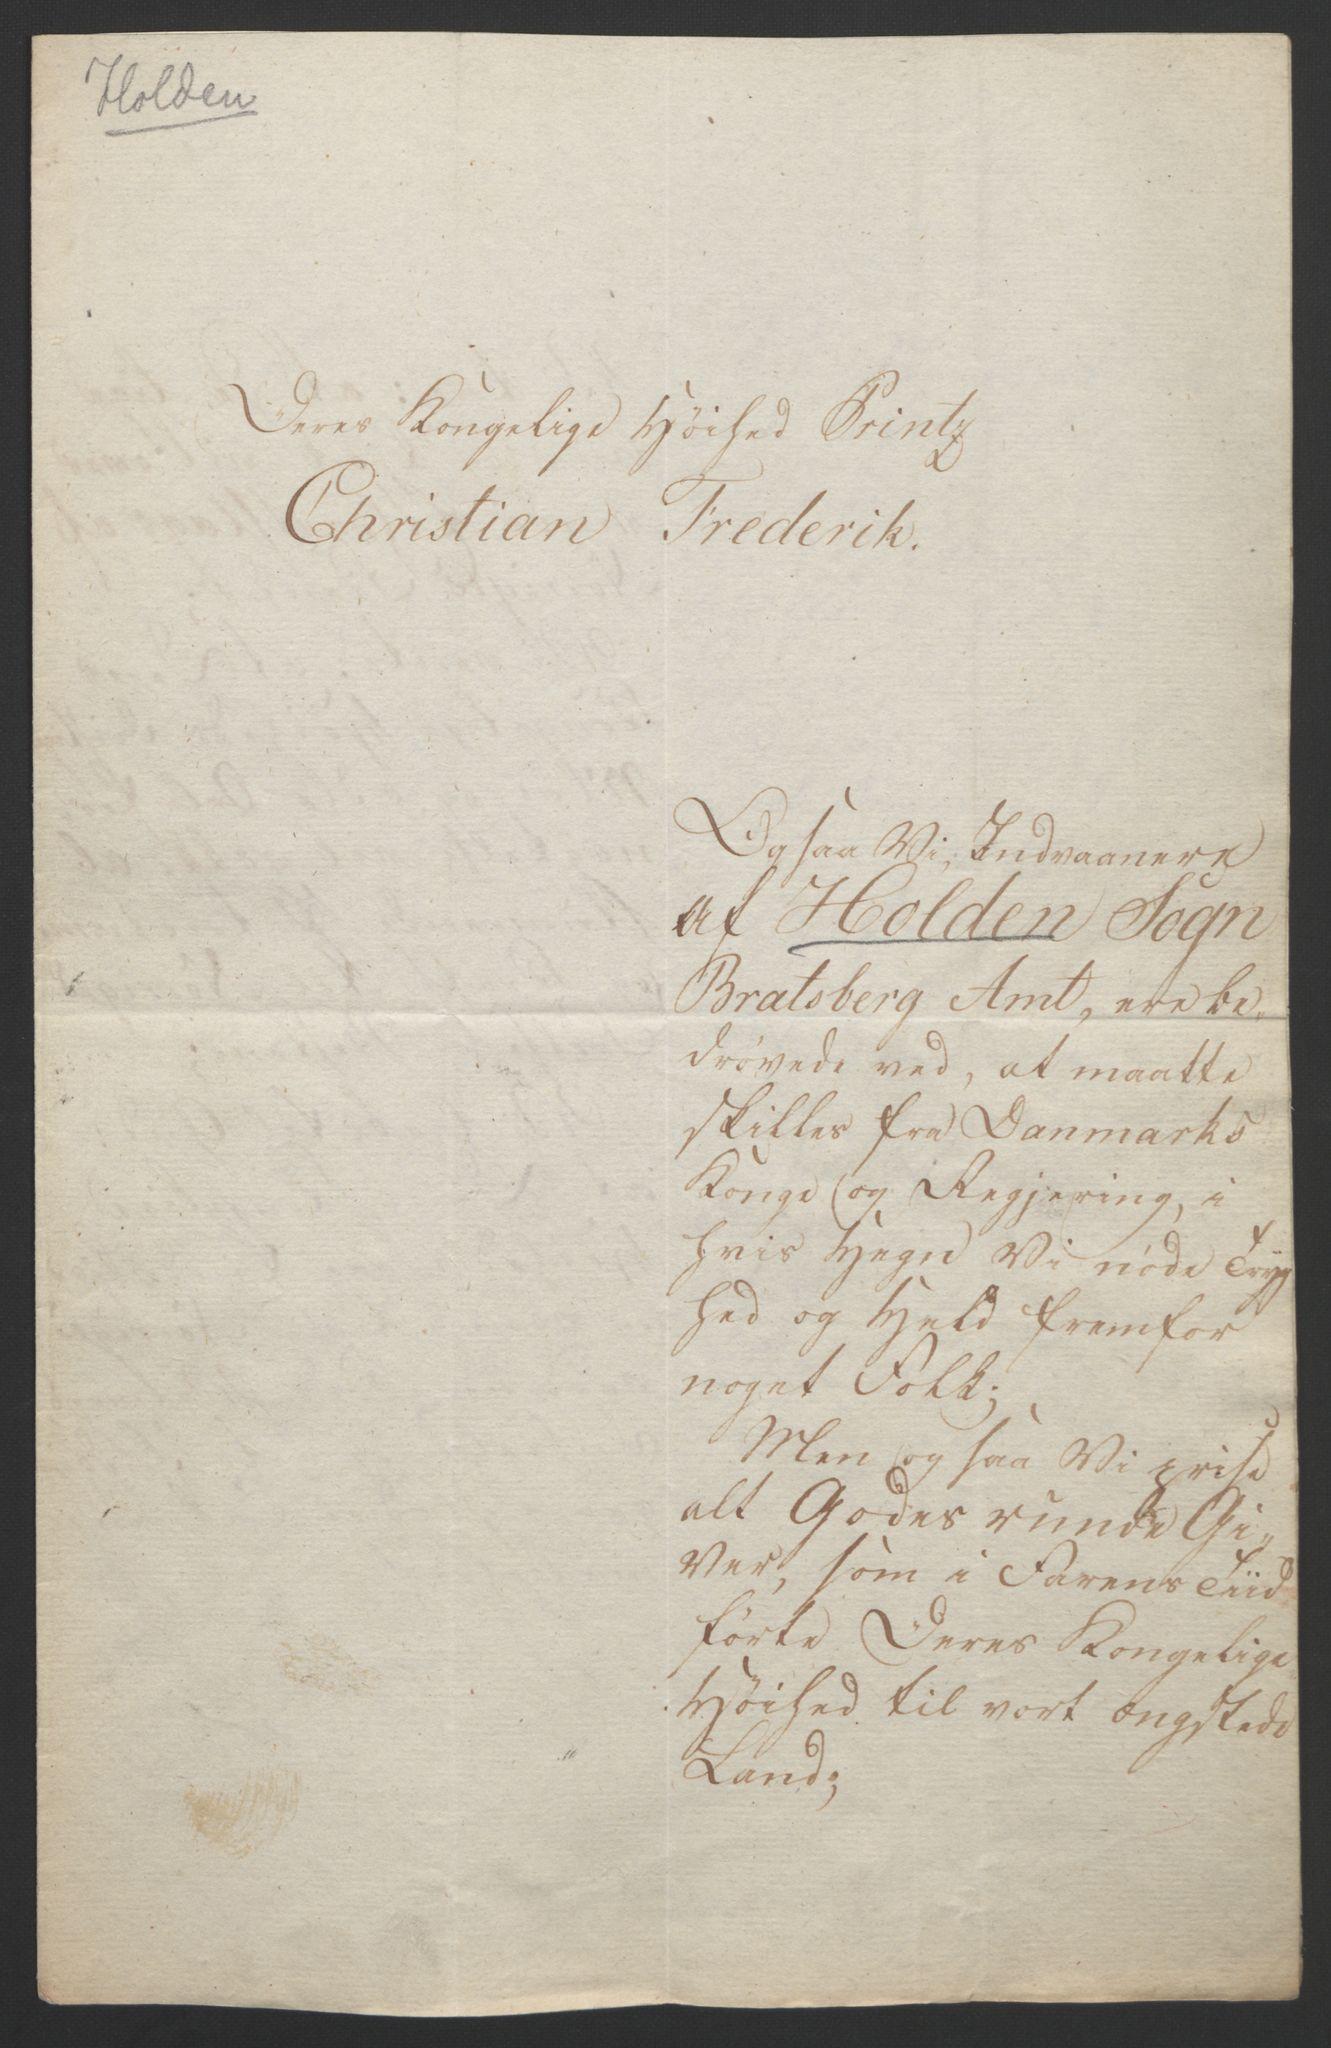 RA, Statsrådssekretariatet, D/Db/L0008: Fullmakter for Eidsvollsrepresentantene i 1814. , 1814, s. 52